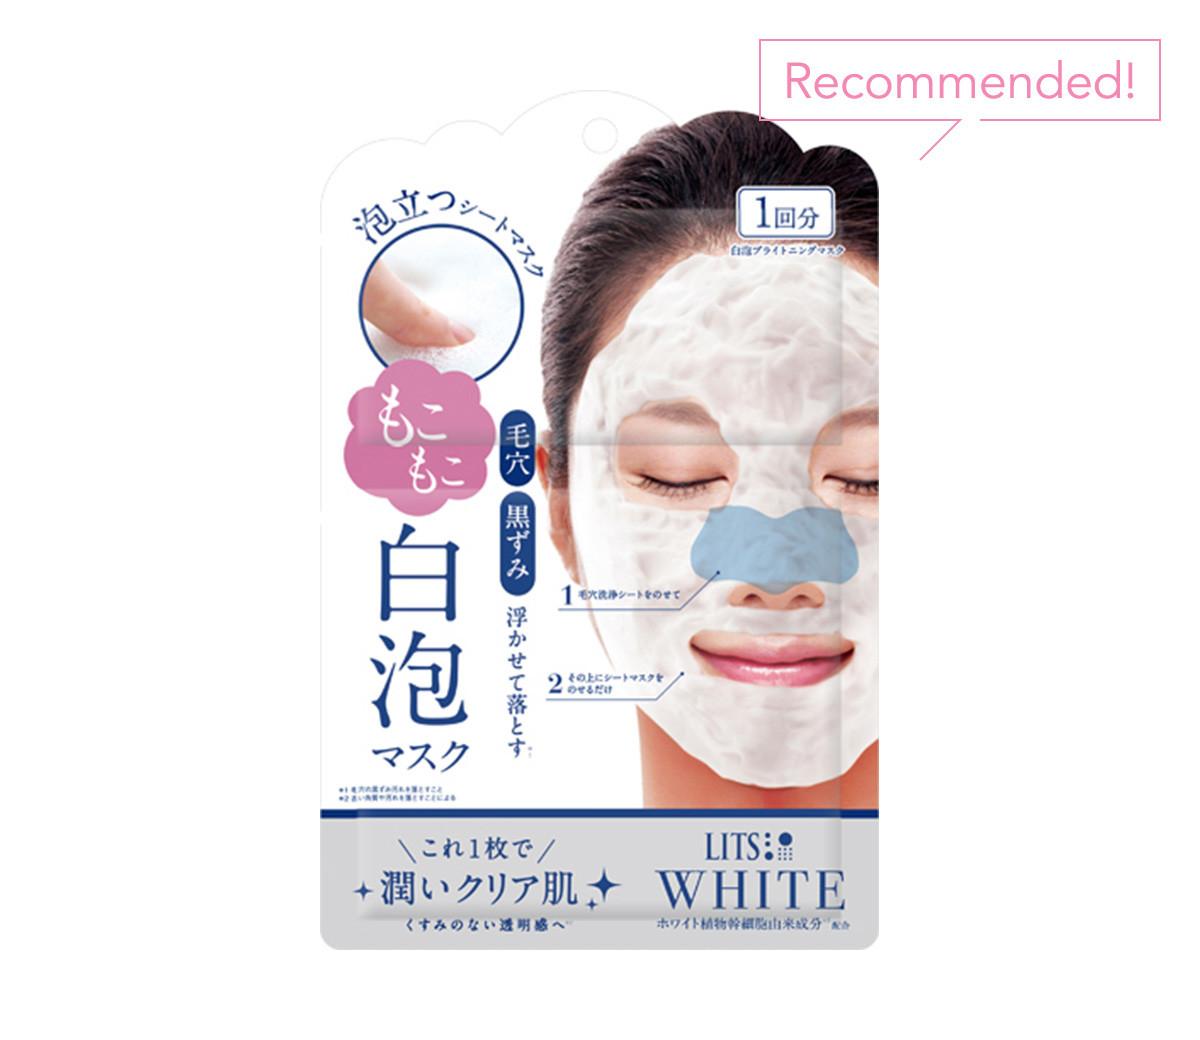 小鼻周りを集中ケアする「毛穴洗浄シート」と、濃密泡が発泡して泡パックに変化する「白泡マスク」をダブル使いする贅沢なディープクレンジングマスク。LITSホワイト「もこもこ白泡マスク」1回分 ¥450/ネイチャーラボ